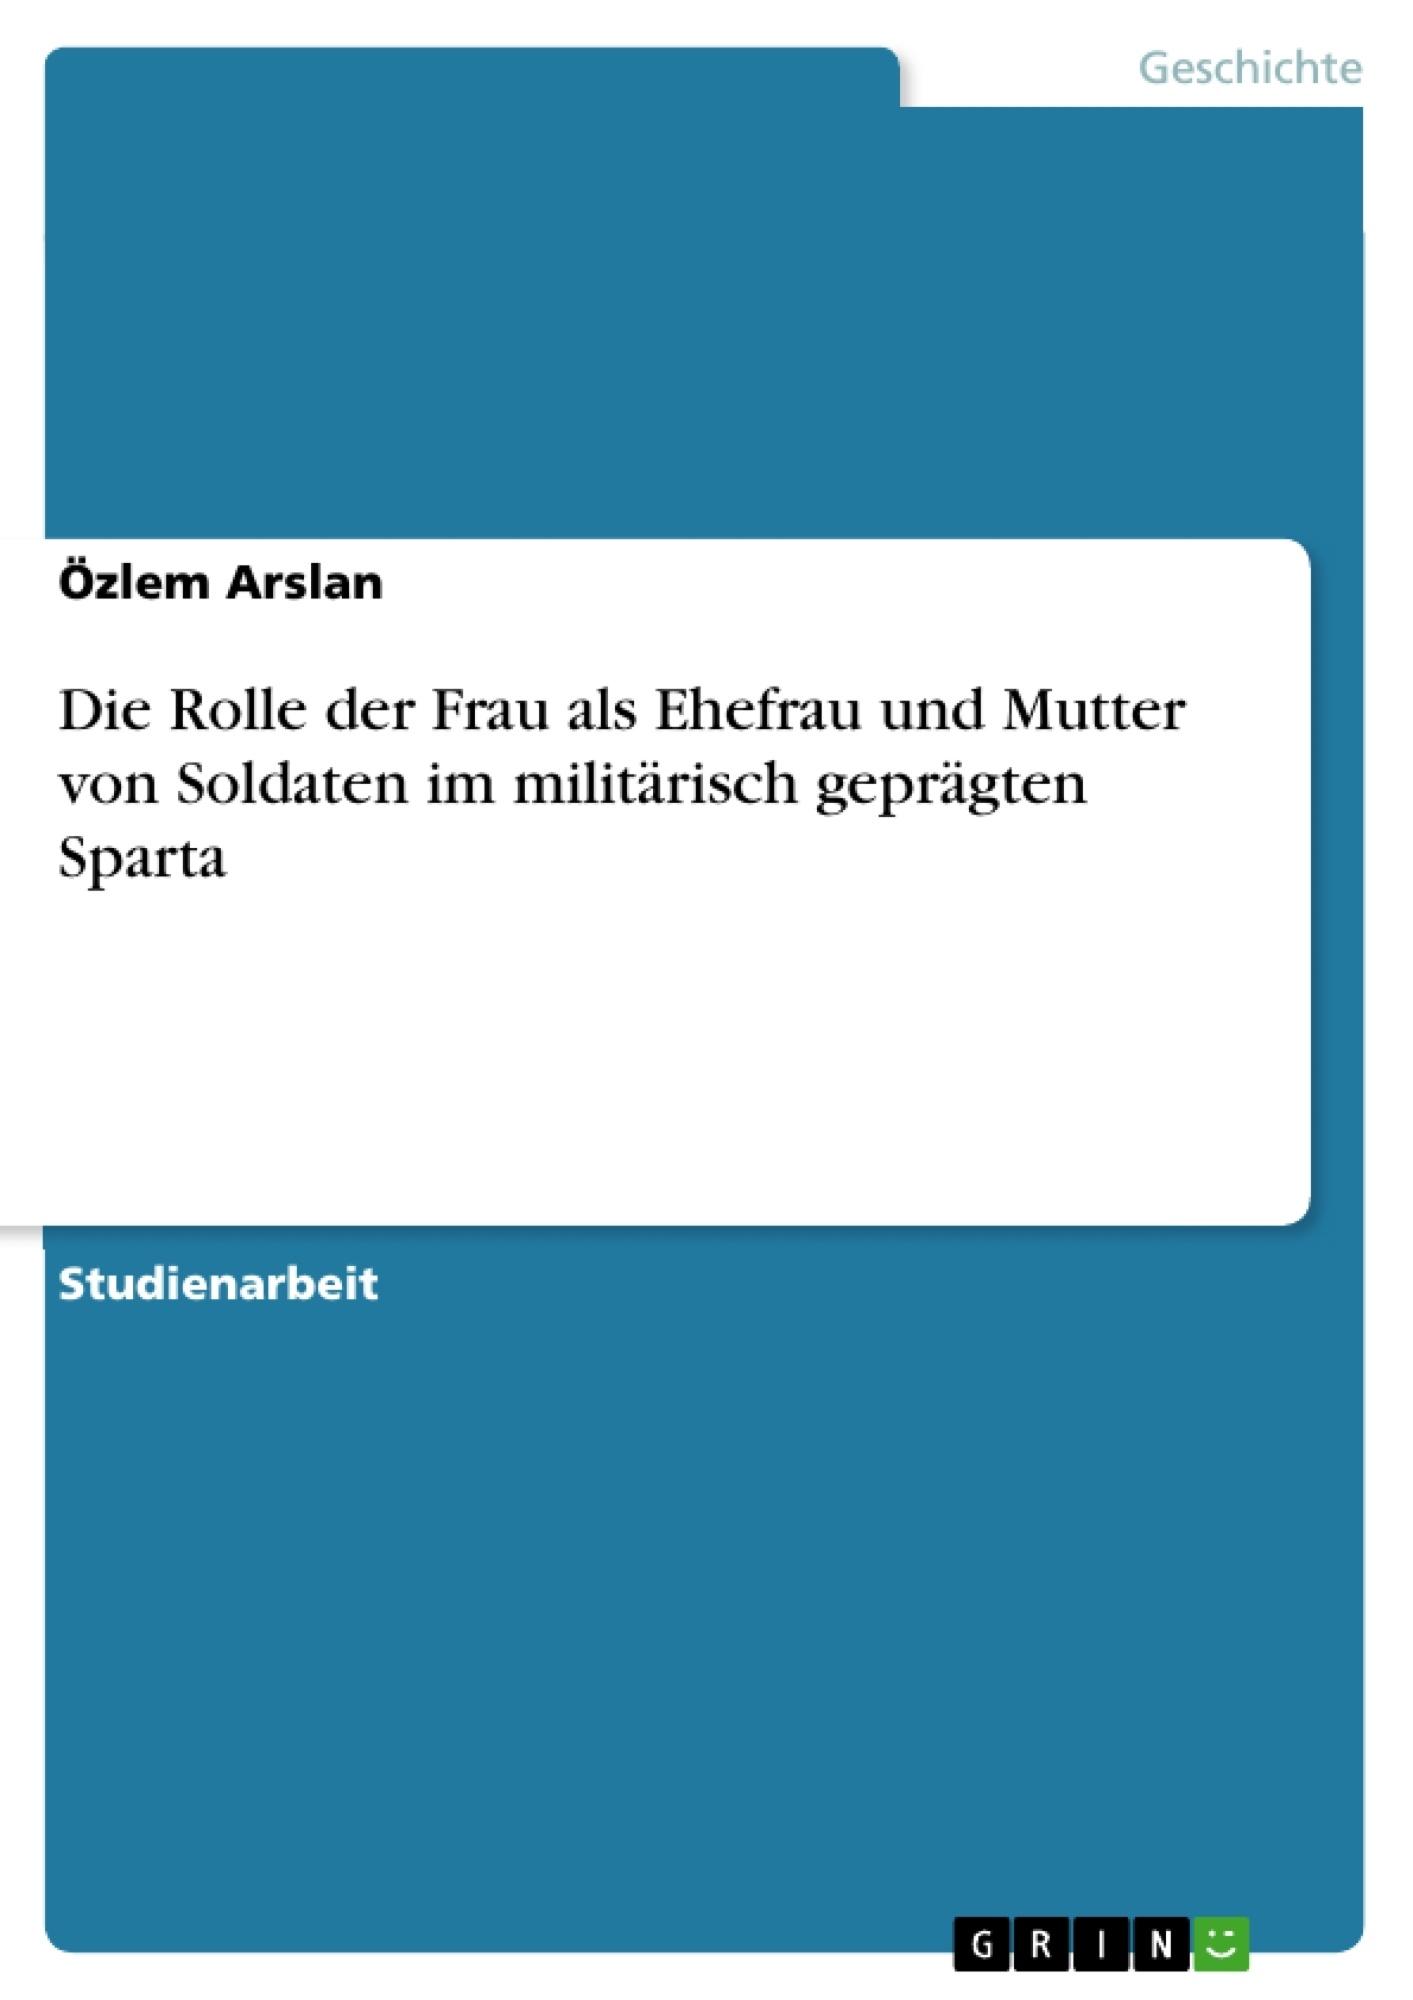 Titel: Die Rolle der Frau als Ehefrau und Mutter von Soldaten im militärisch geprägten Sparta